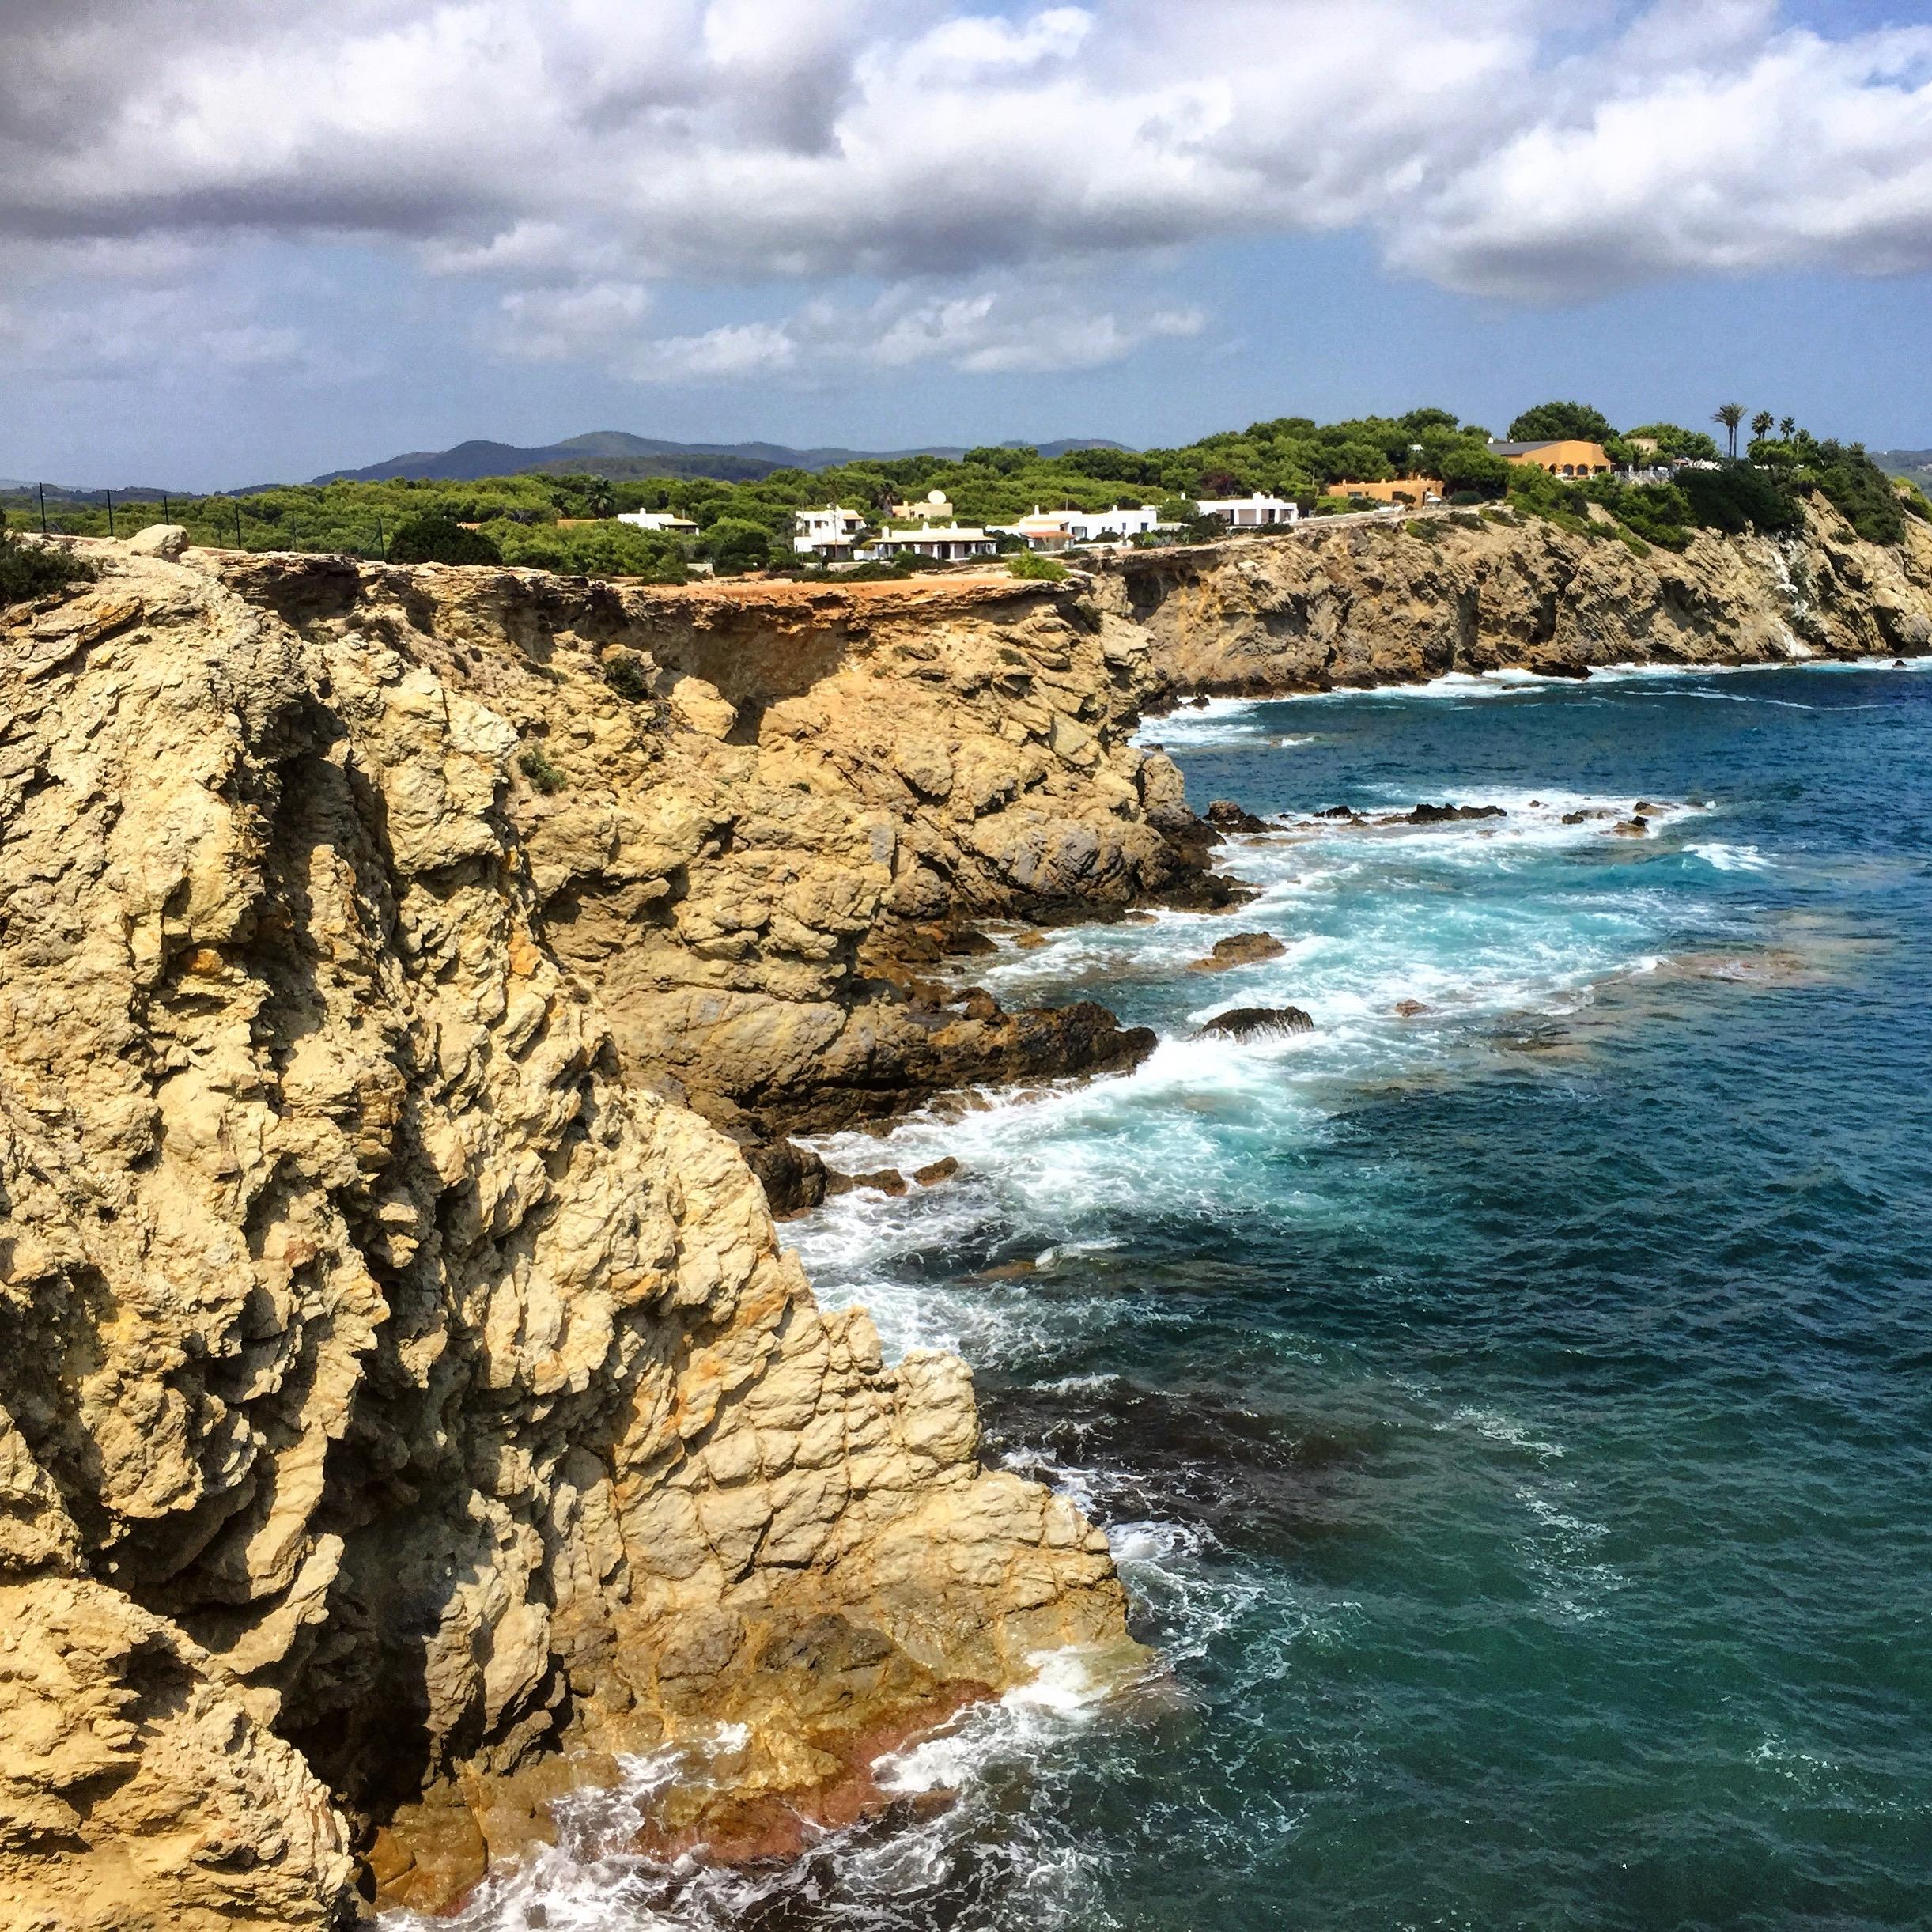 stranden in de buurt van Santa Eularia